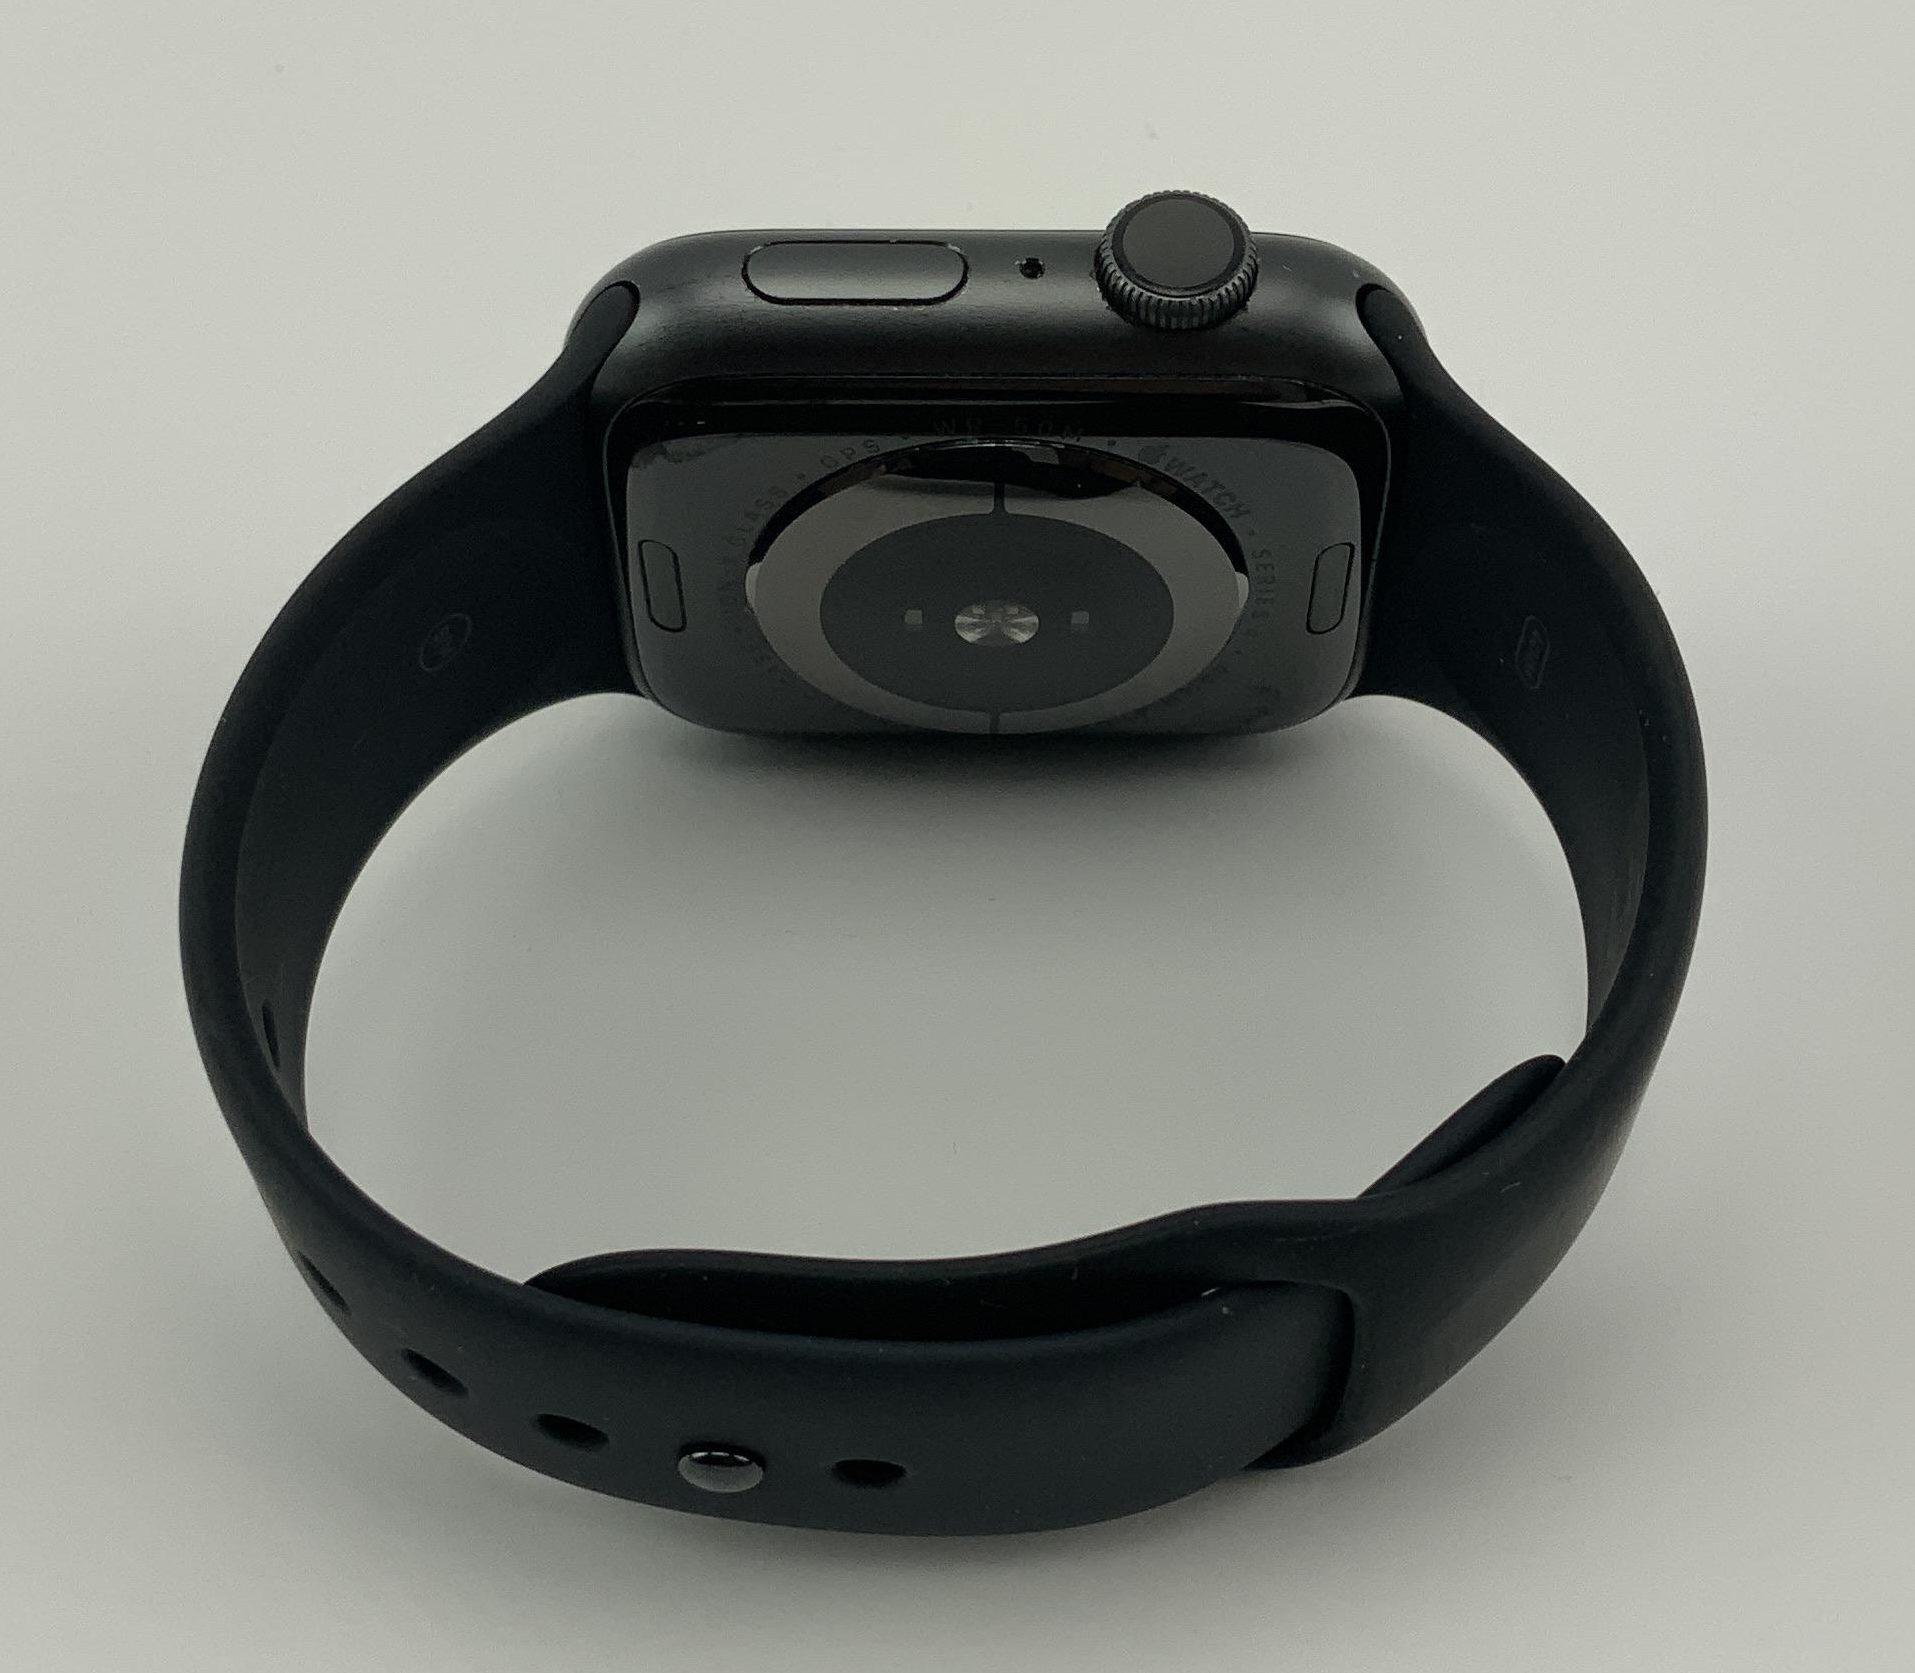 Watch Series 4 Aluminum (44mm), Space Gray, Black Sport Band, Kuva 4